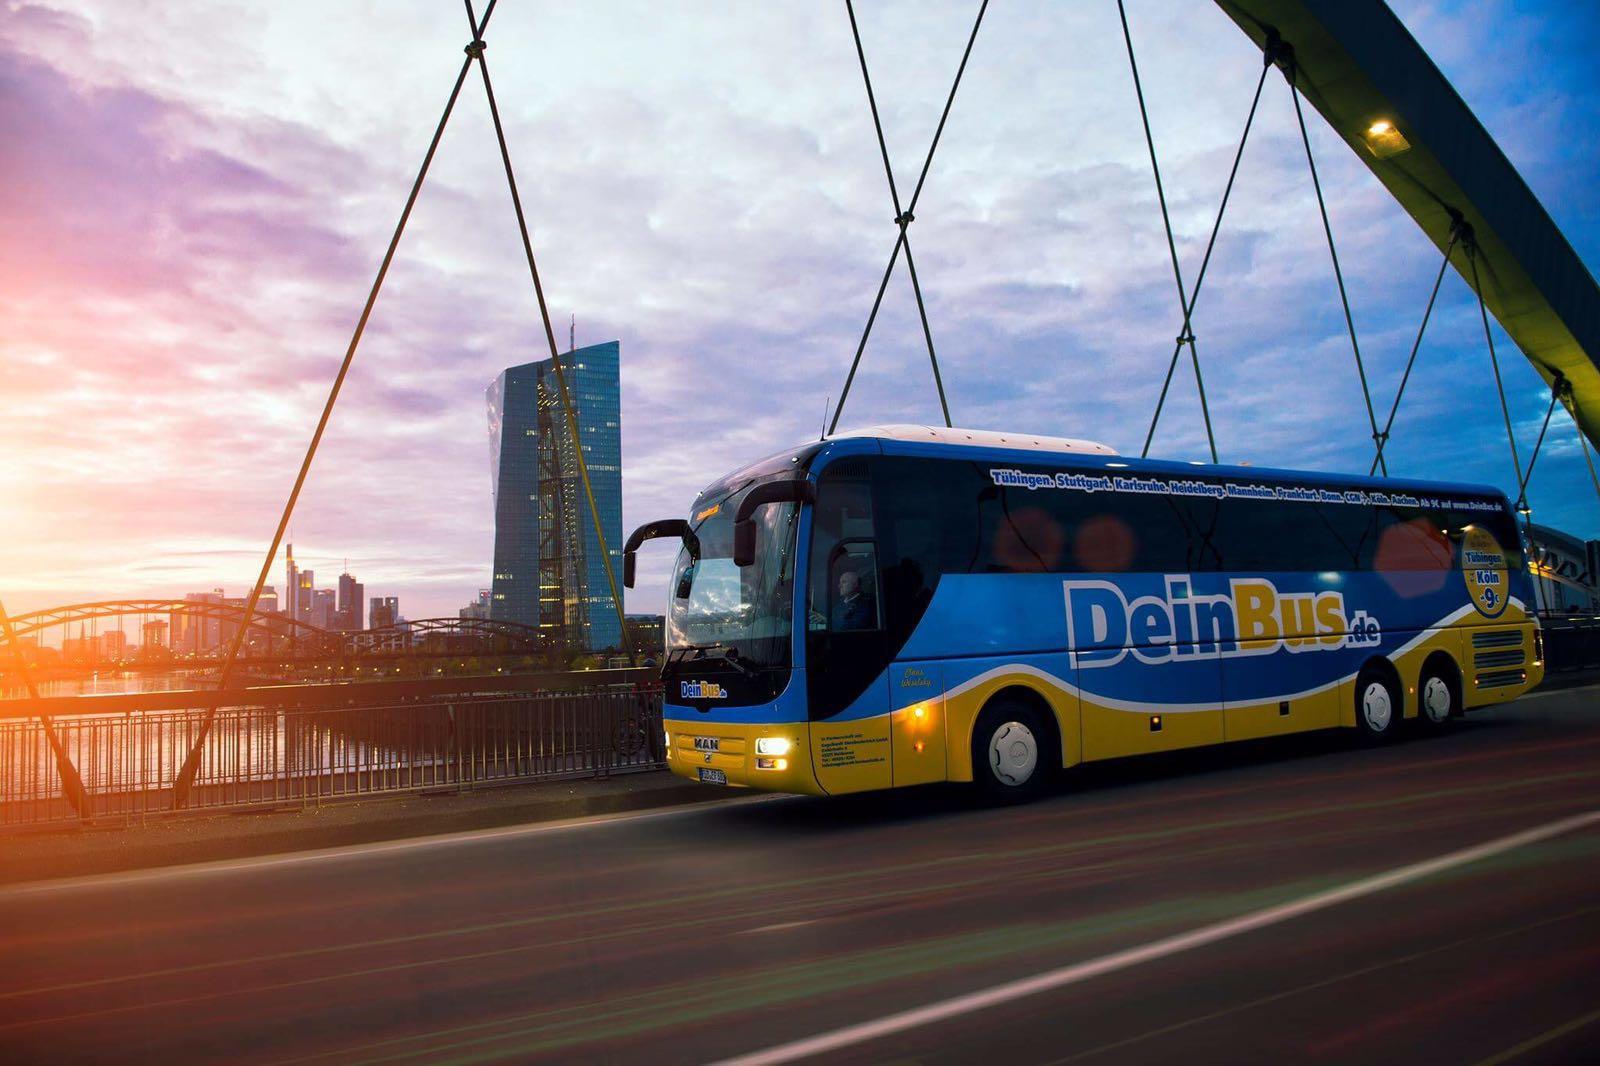 Mehr als 1000 1€-Tickets bei Deinbus!